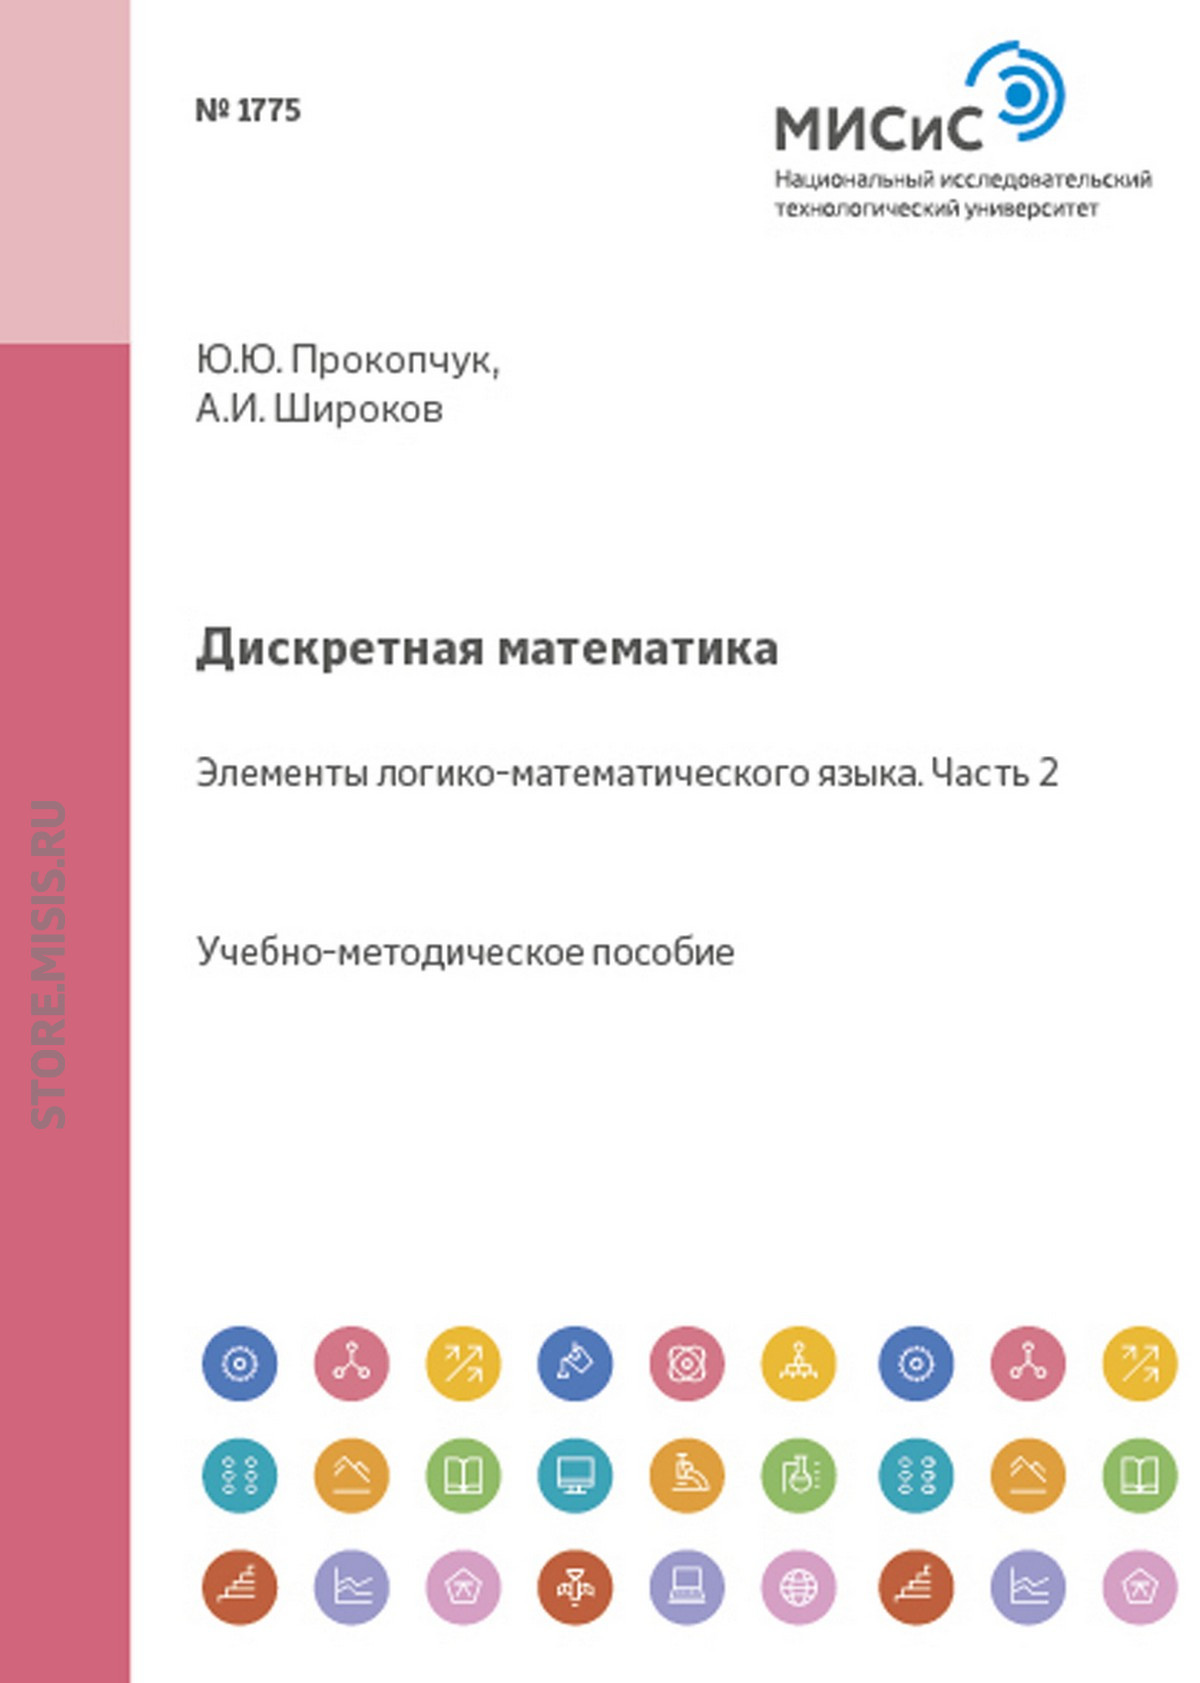 Дискретная математика. Элементы логико-математического языка. Часть II